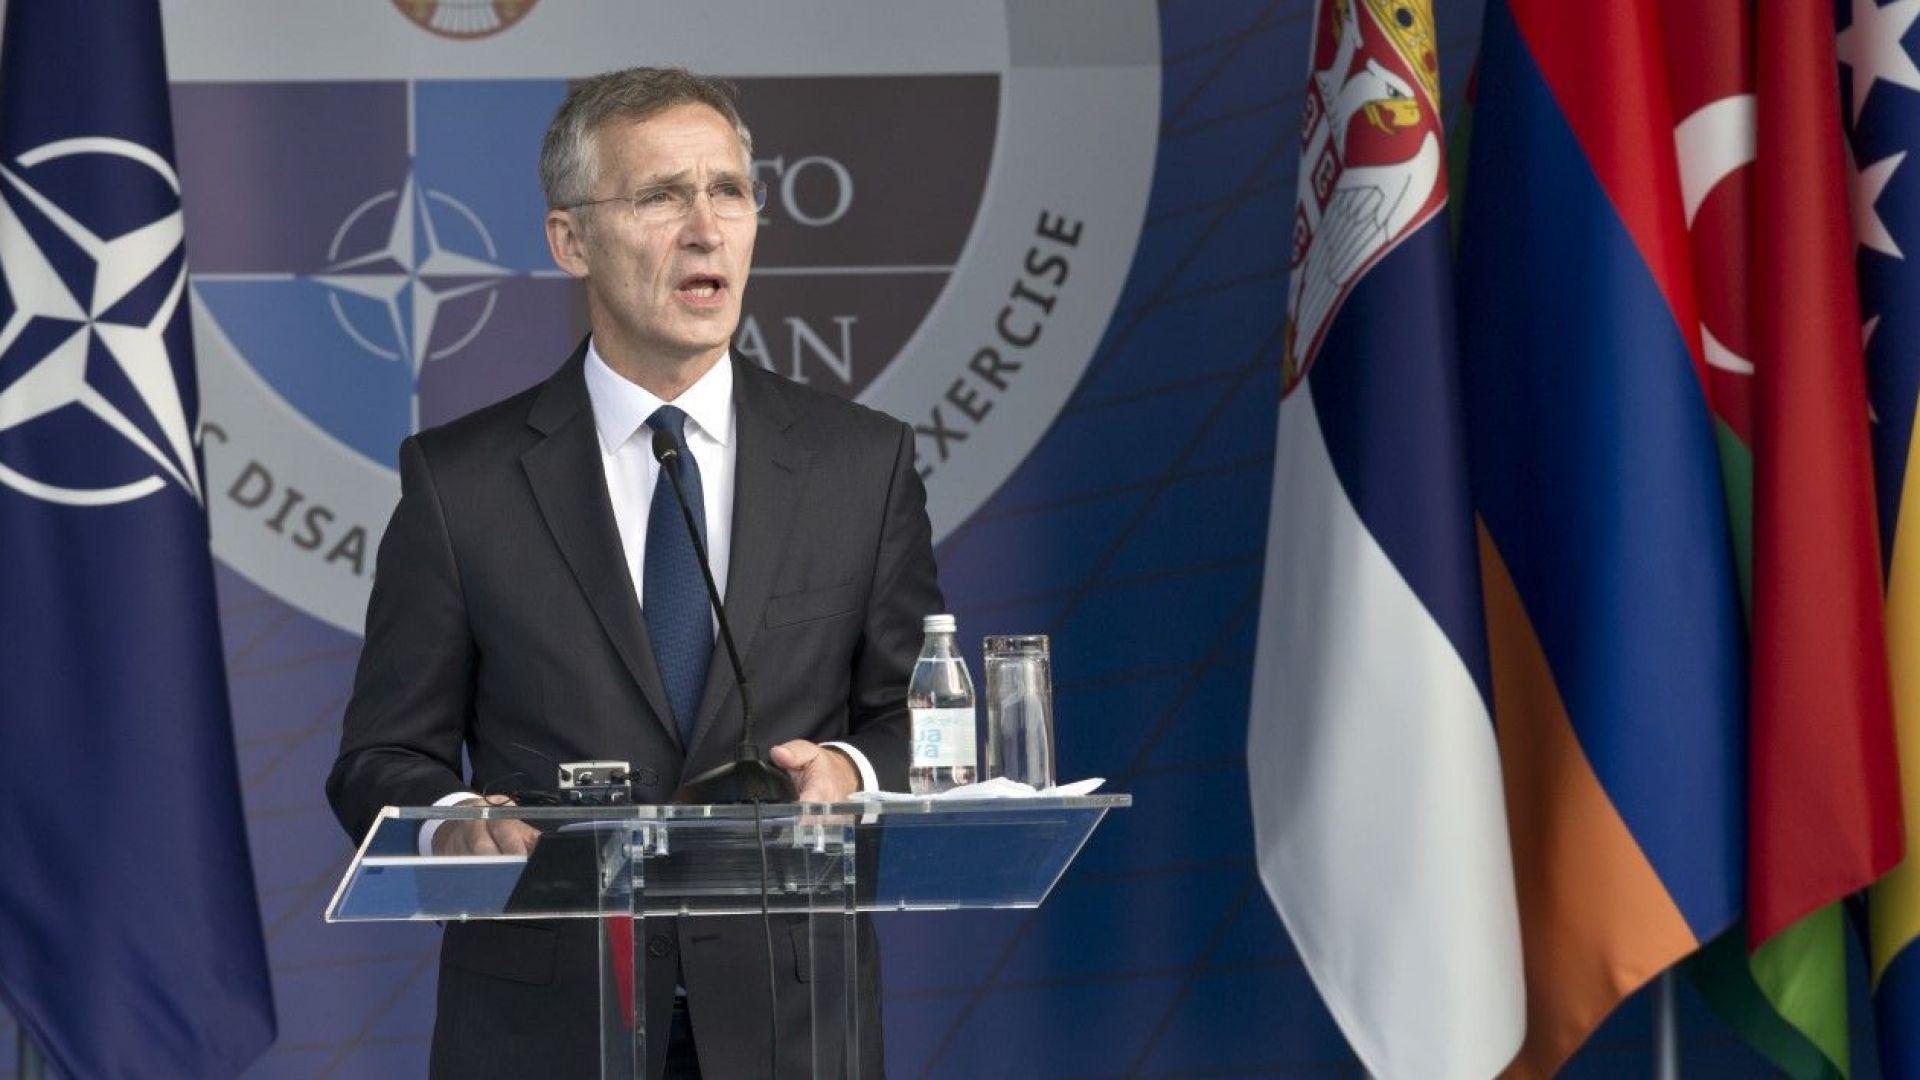 Вучич: Сърбите не обичат НАТО. Столтенберг: Съжалявам за невинните жертви